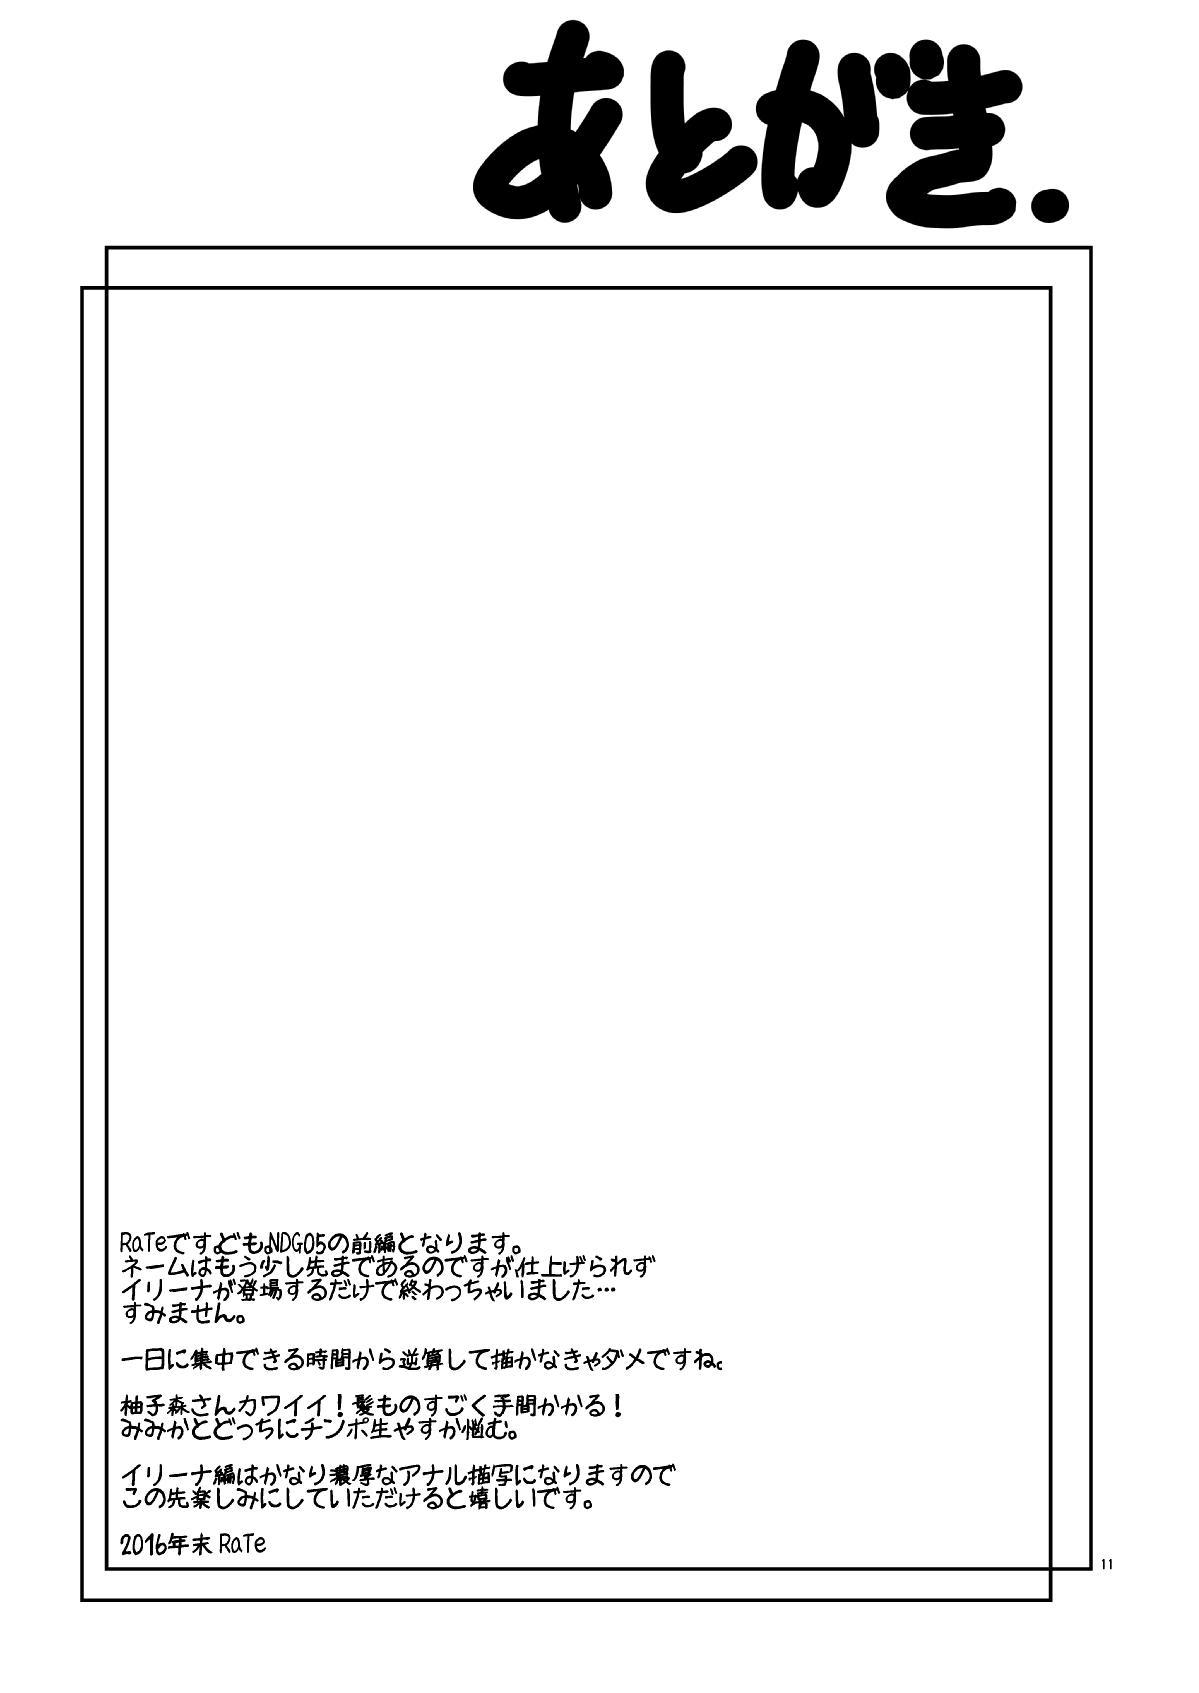 NDG05 9